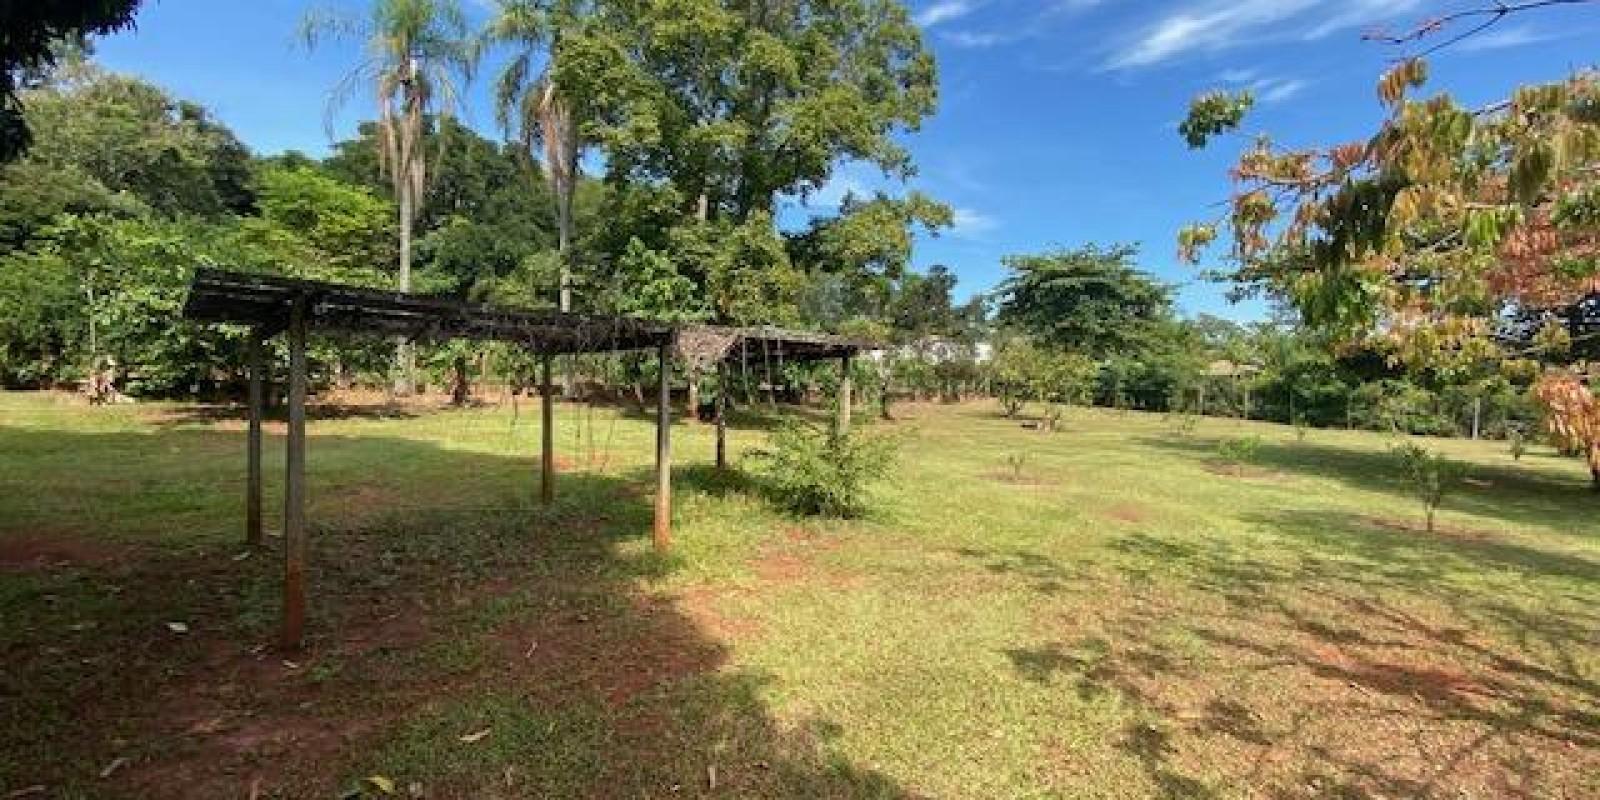 Casa Pé na Areia na Represa Condomínio Parque Náutico em Avaré SP - Foto 49 de 53